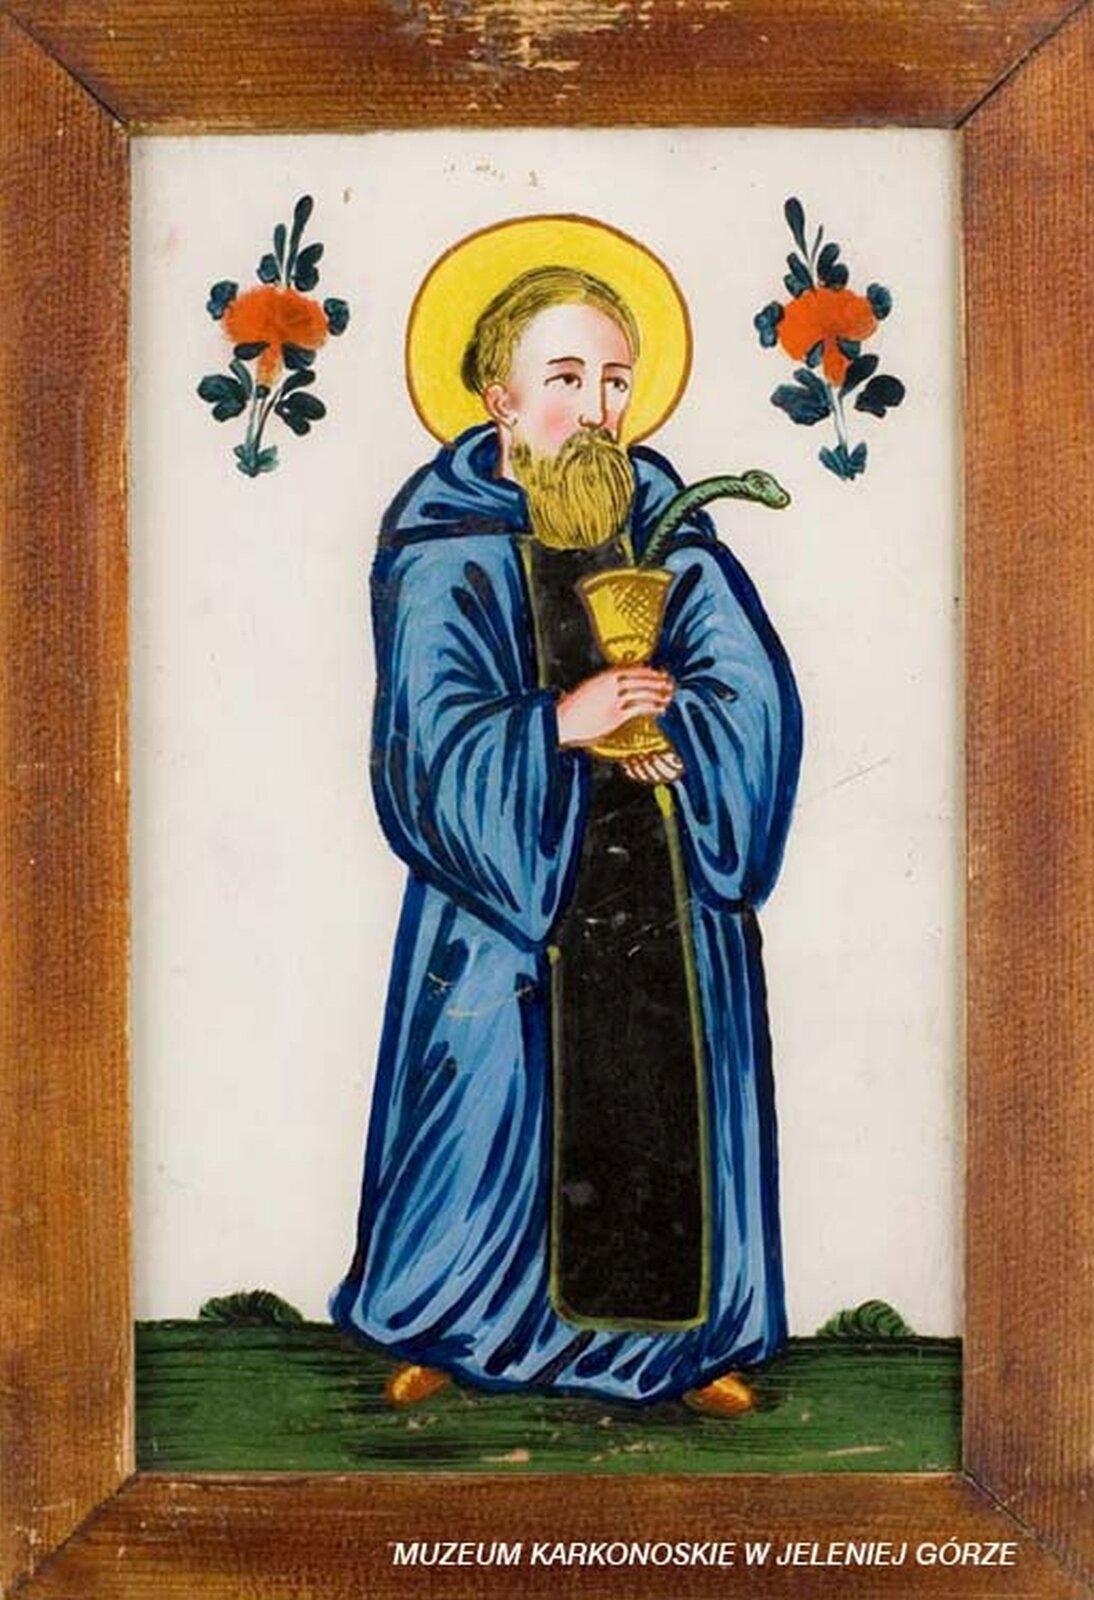 Ilustracja przedstawia malowidło na szkle, które ukazuje św. Bemedykta zNursji. Brodaty mężczyzna ma niebieską szatę, awdłoniach trzyma złoty kielich, zktórego wychodzi wąż. Po obu stronach na wysokości jego głowy widać czerwone kwiaty złodygą. Tło jest białe, audołu jest zielona trawa.